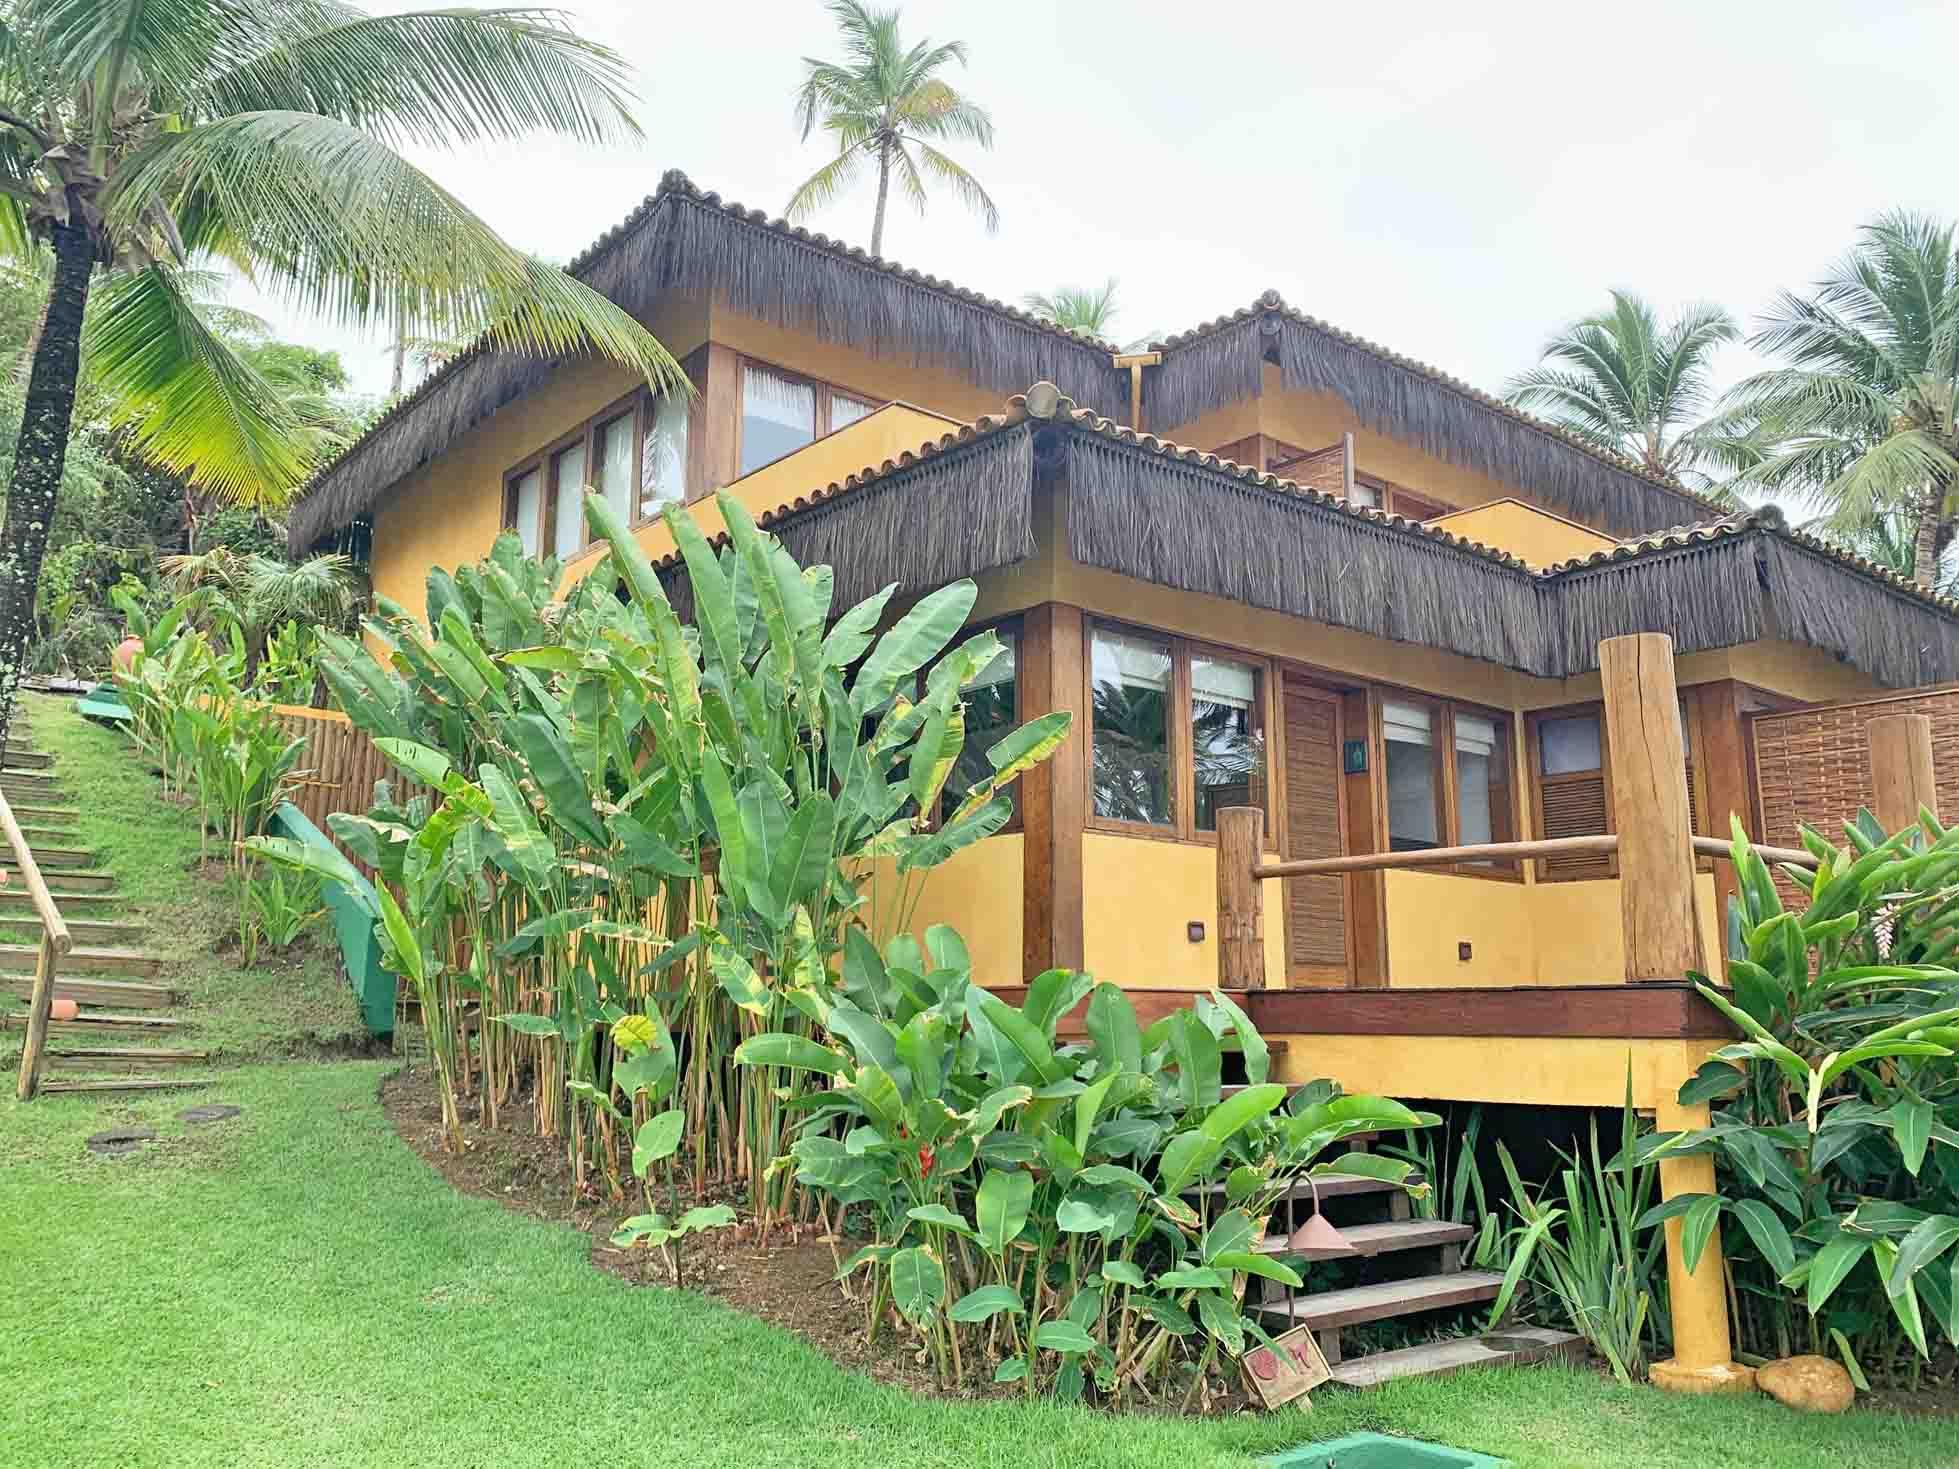 Txai Resort Itacaré - tipos de acomodação - apartamento luxo